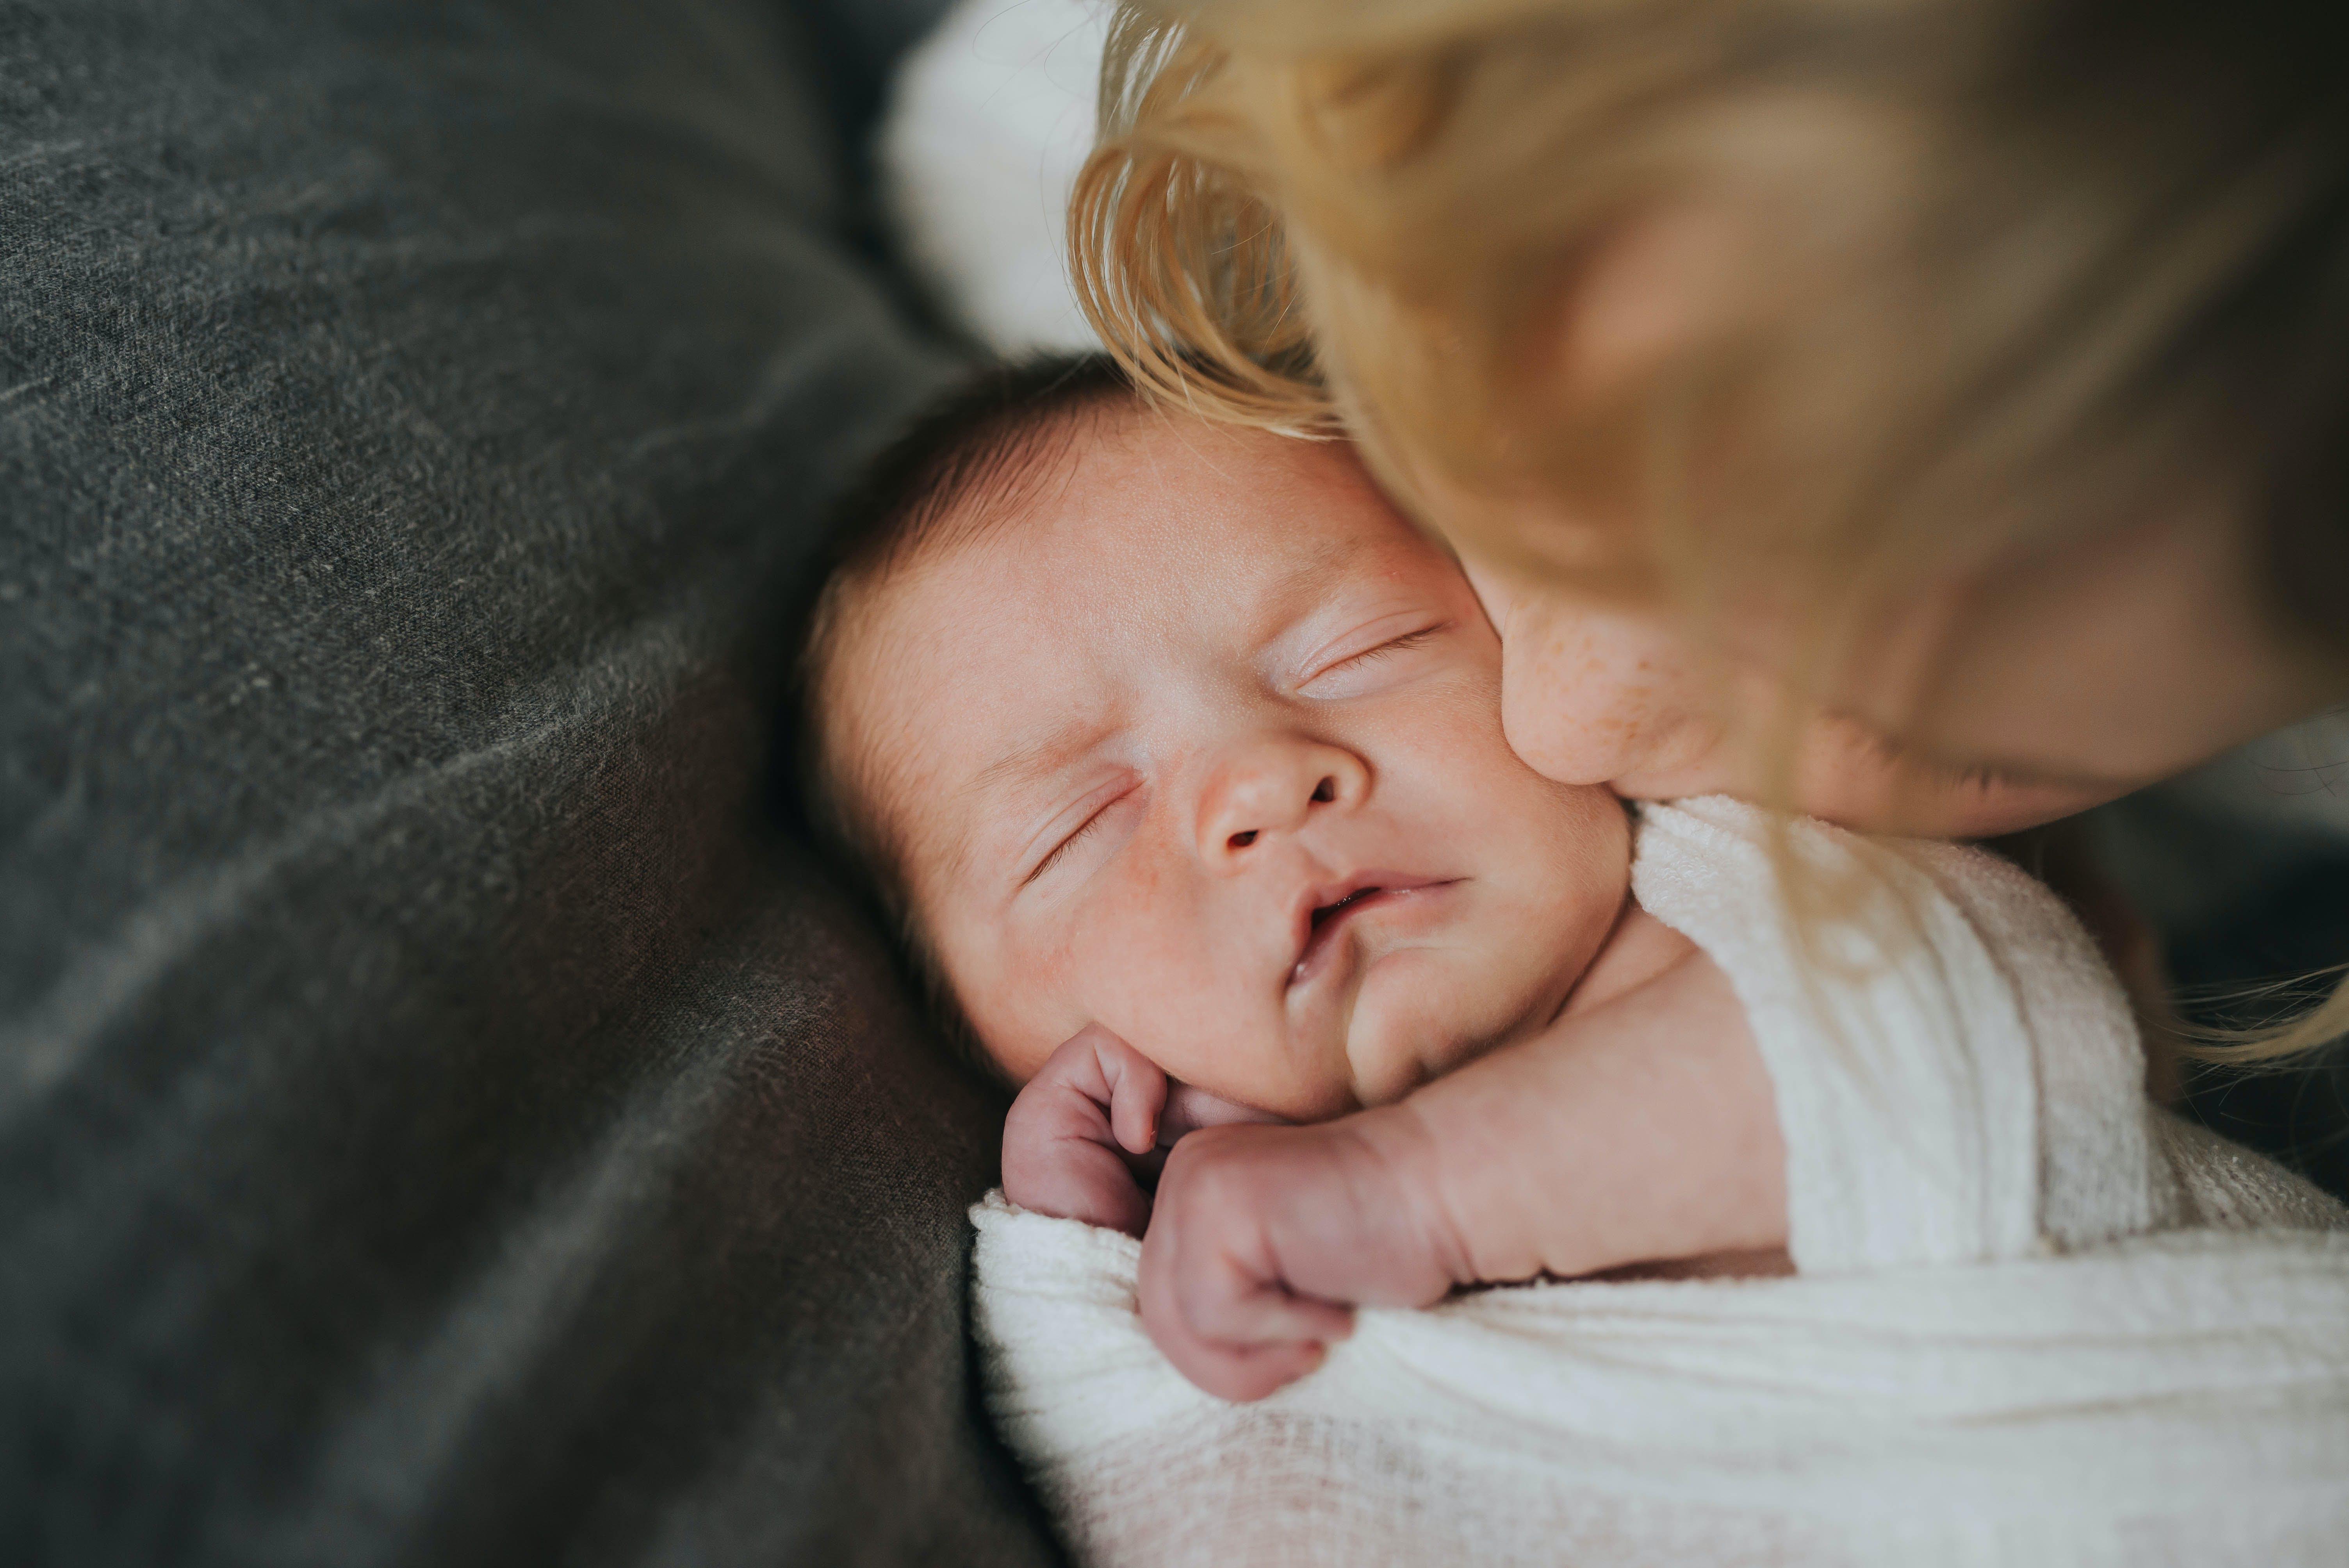 little girl kissing newborn baby